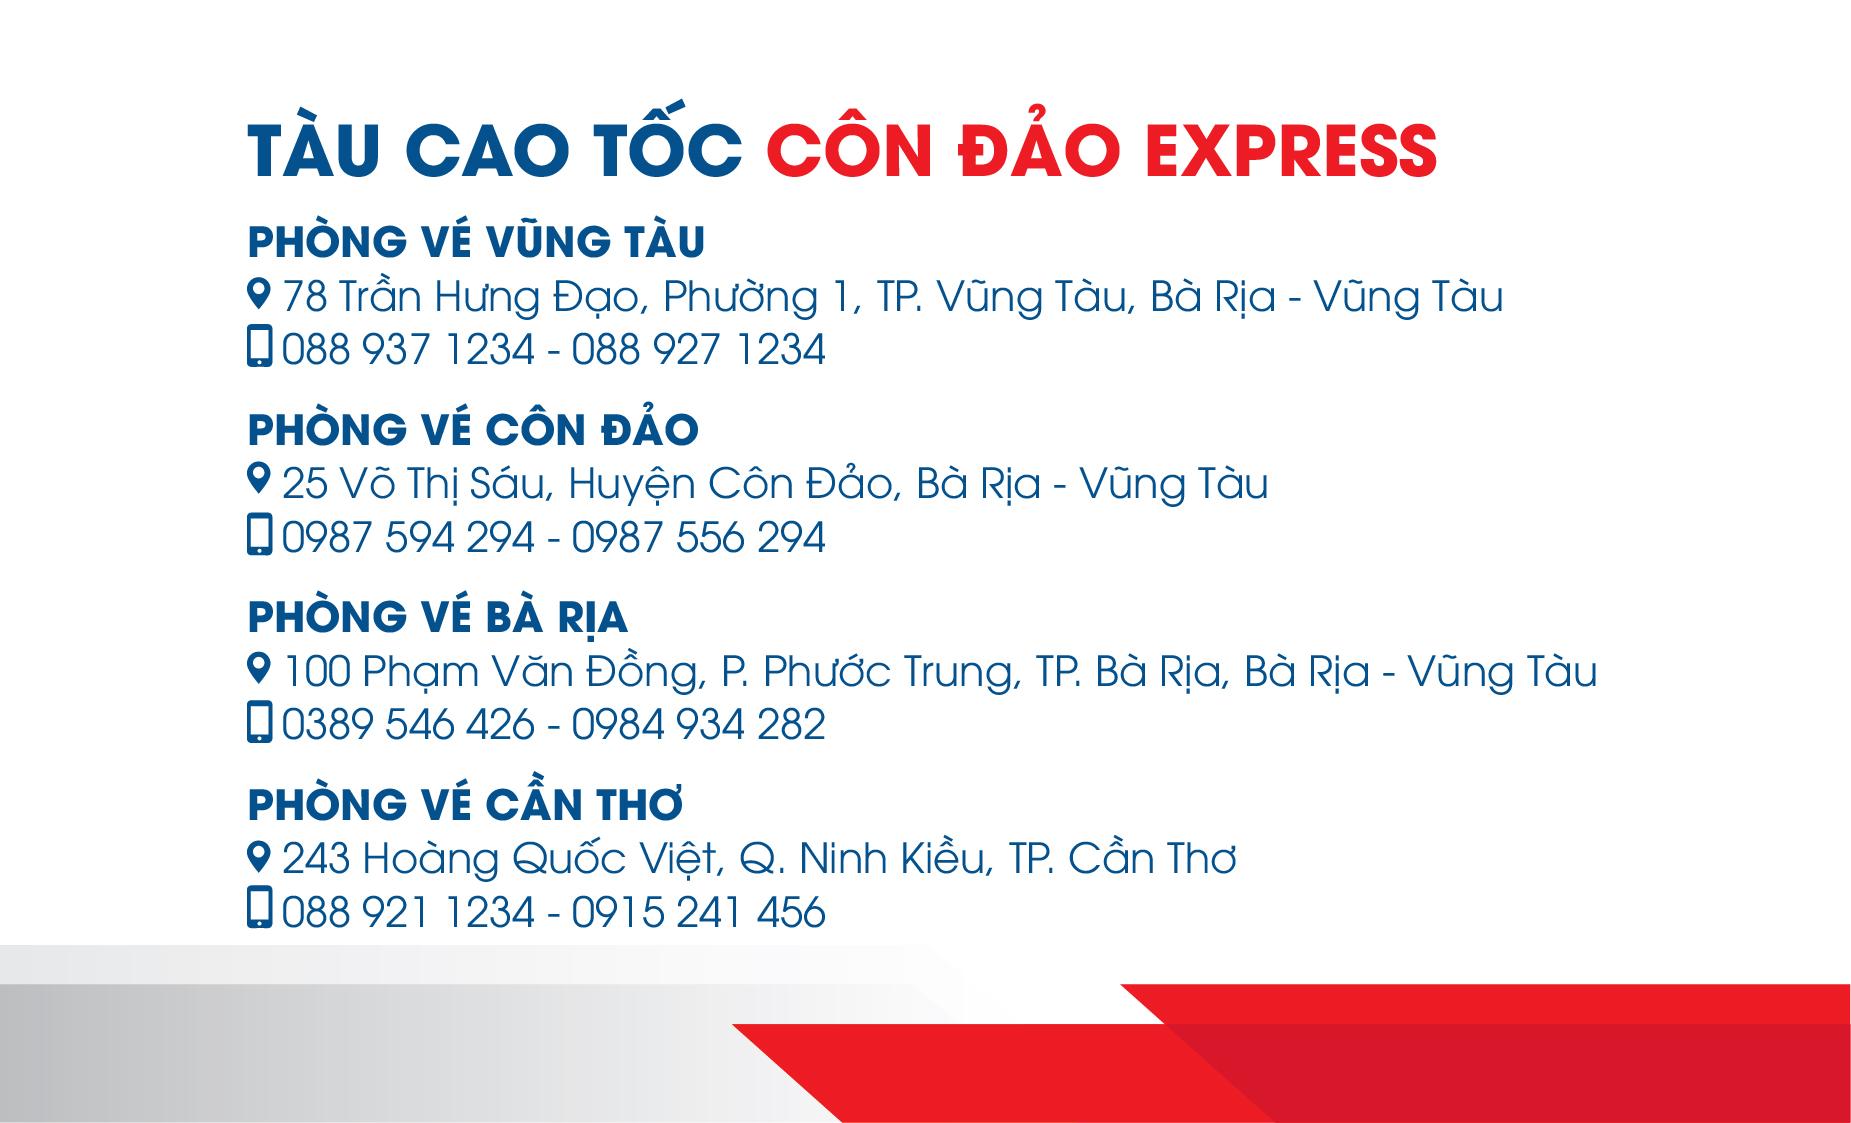 Danh sách đại lý tàu cao tốc Côn Đảo Express